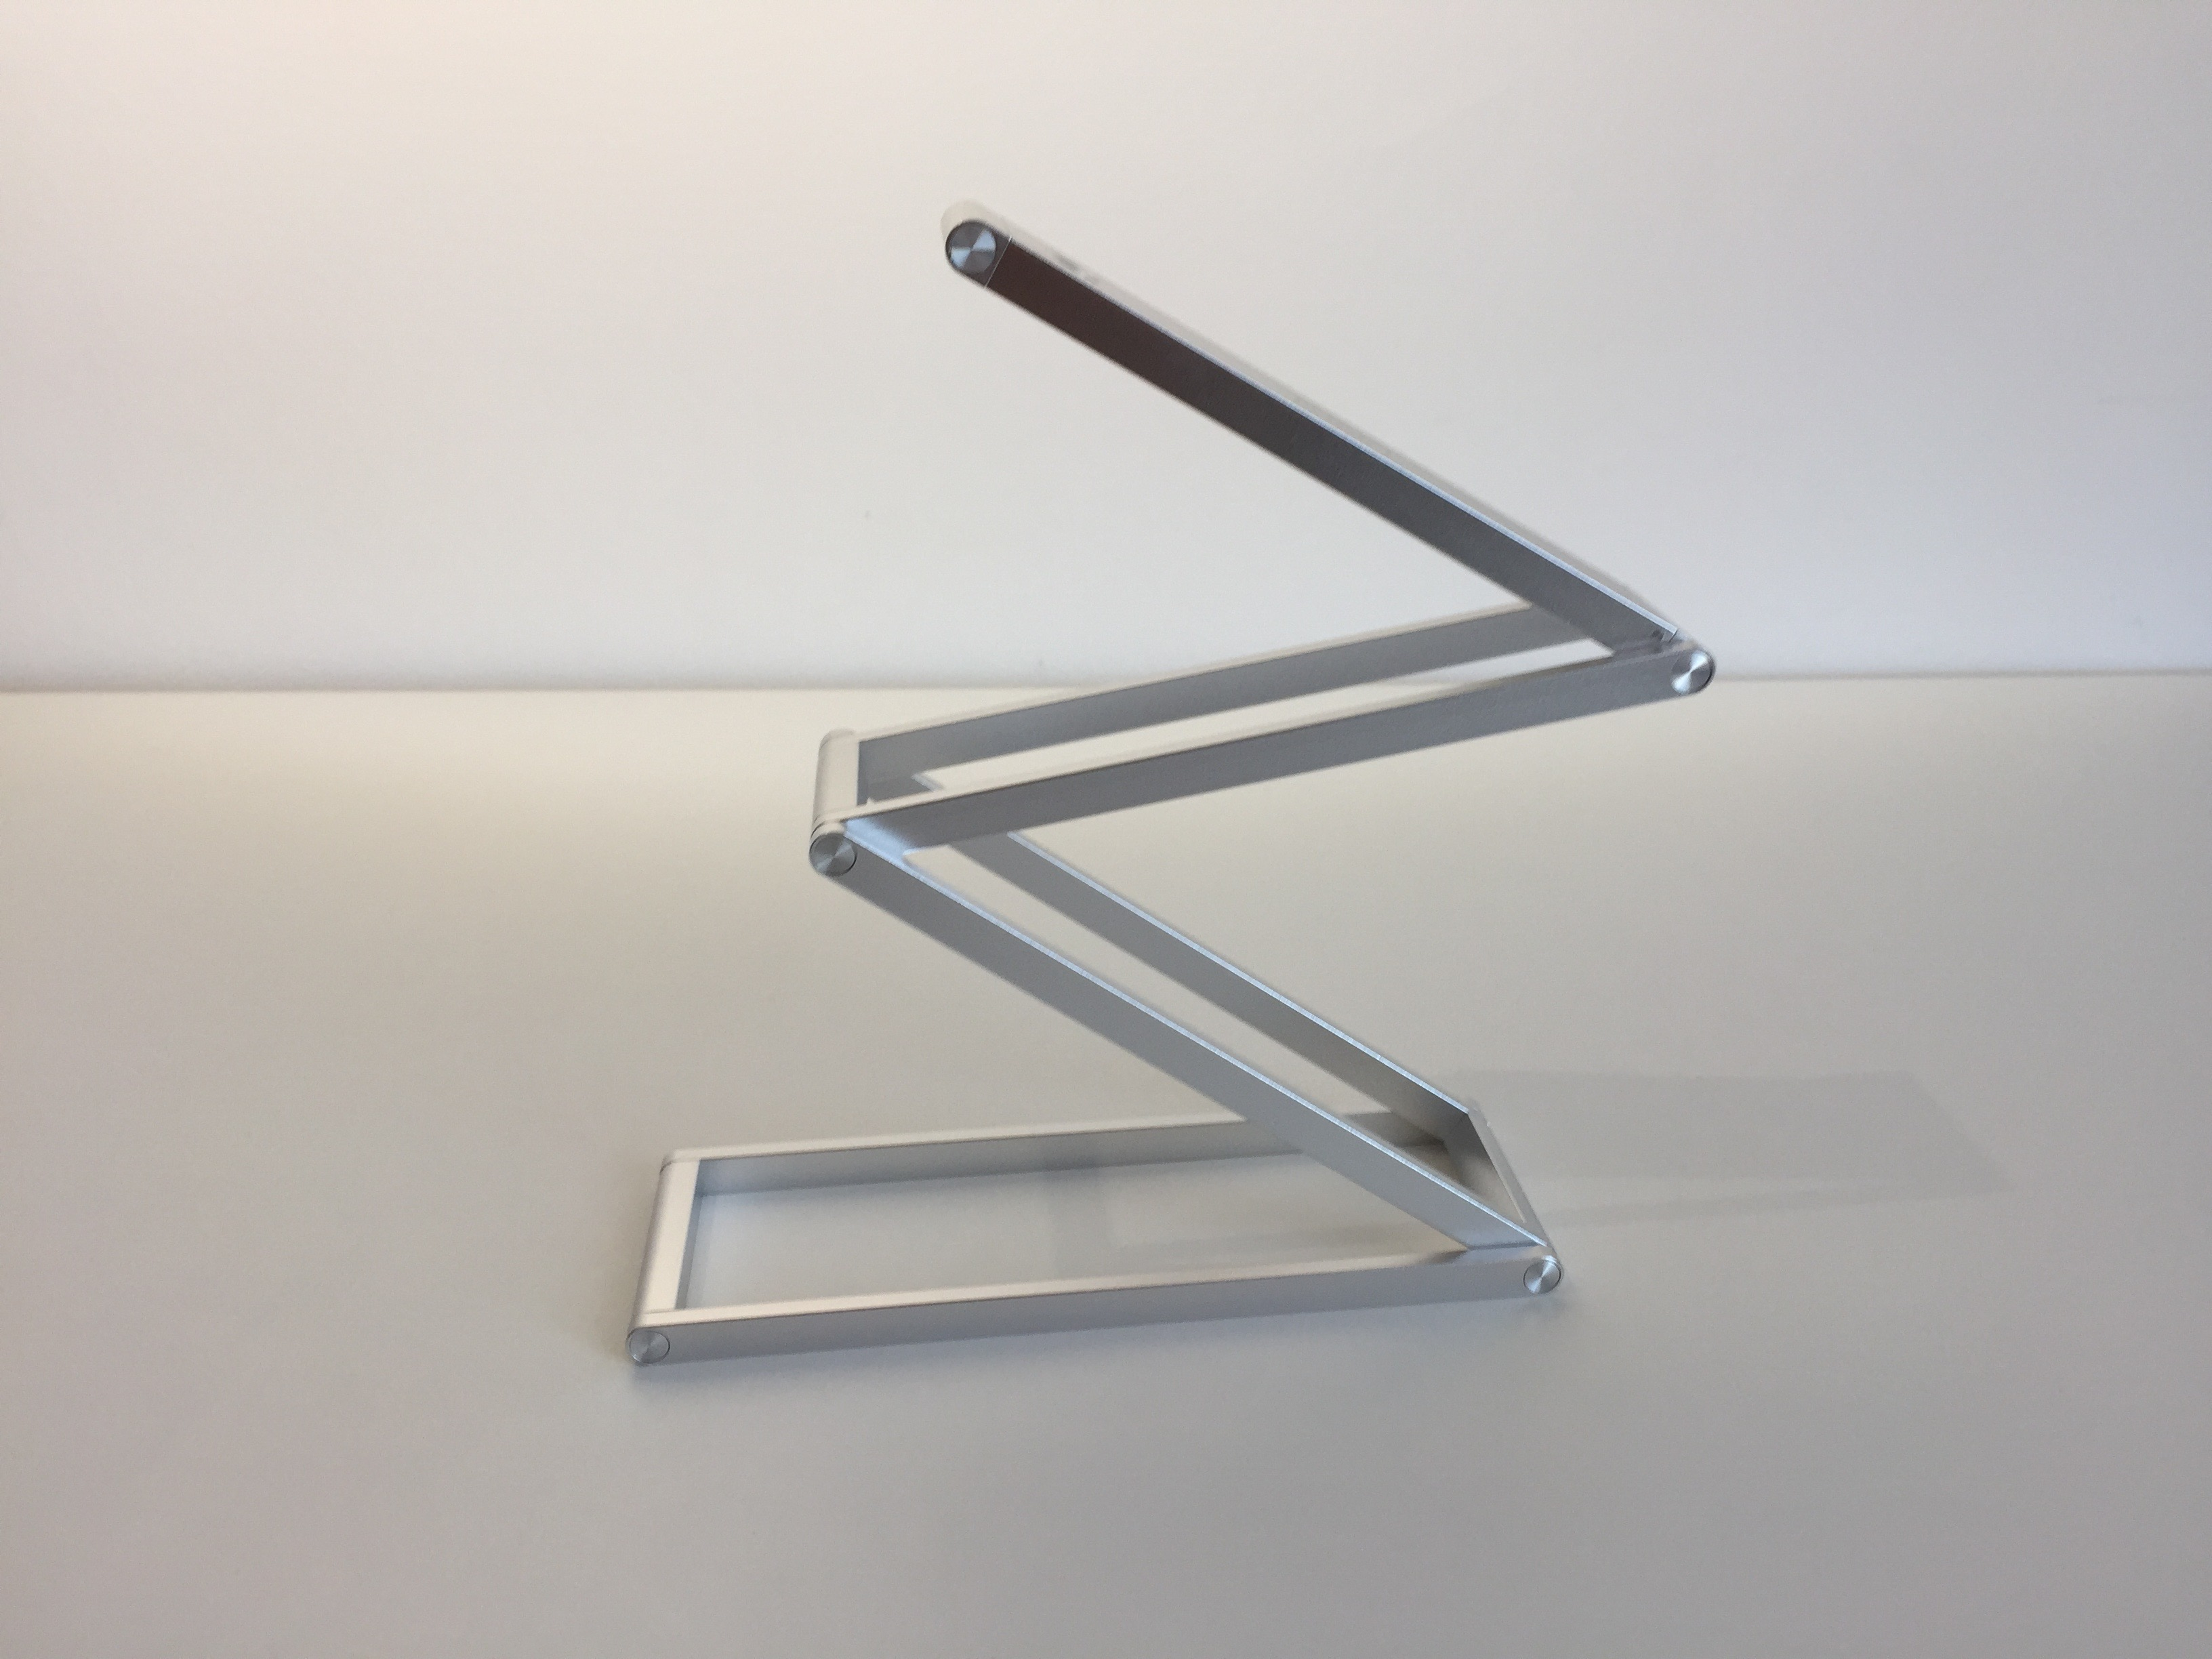 20170904 Lampe de bureau Aukey LT-ST7 portable, rechargeable et pliable 10